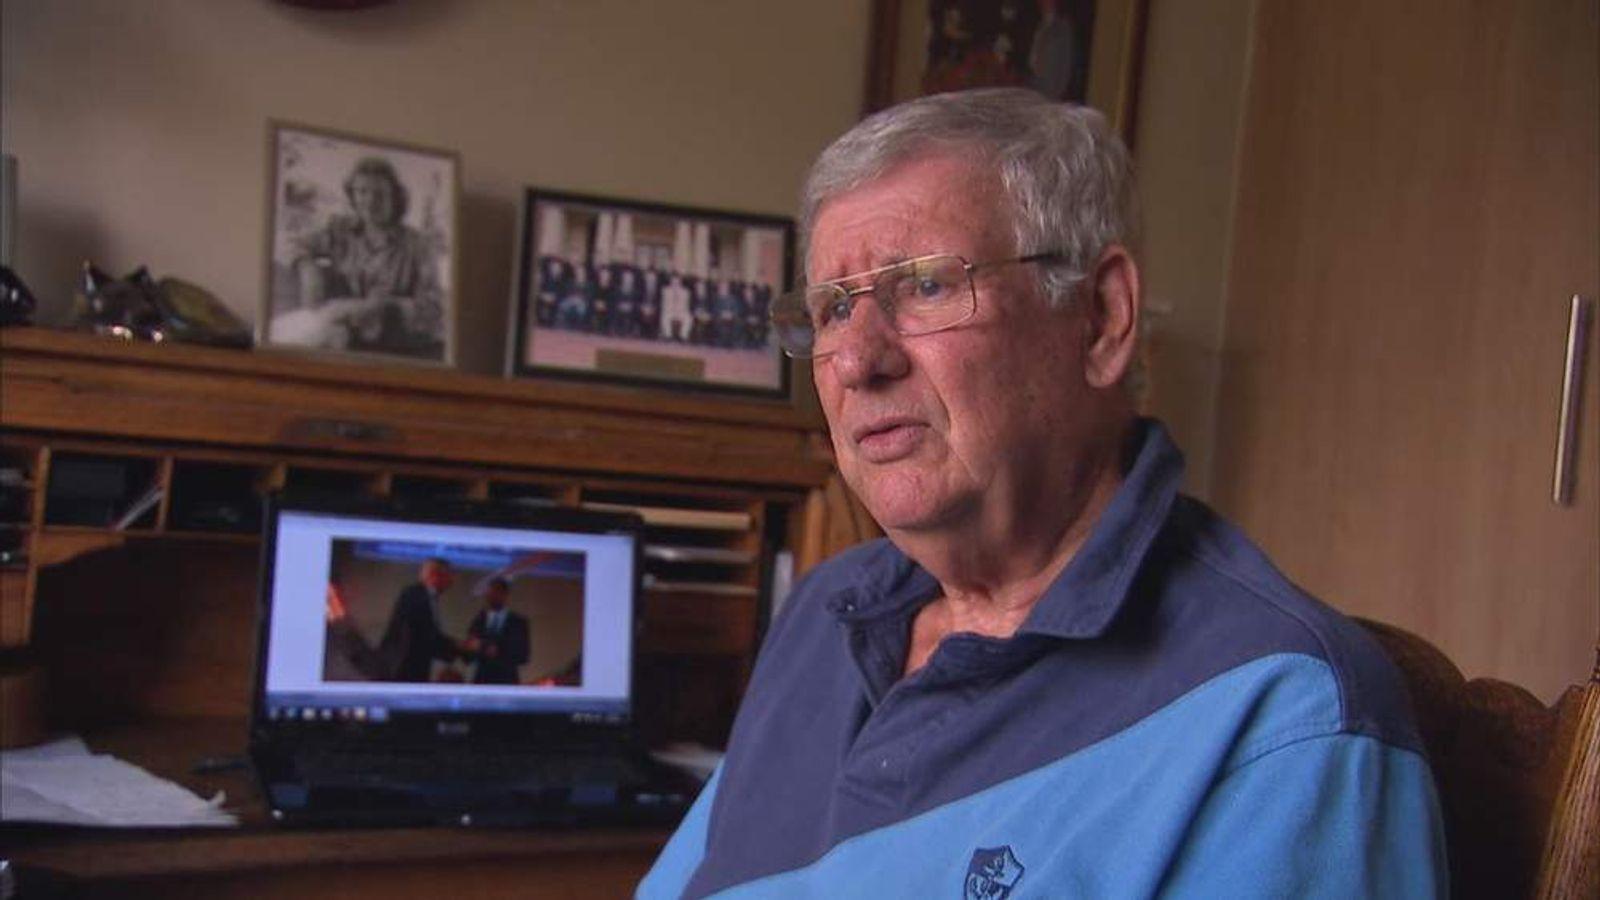 Bill Schroder, former headteacher of Oscar Pistorius